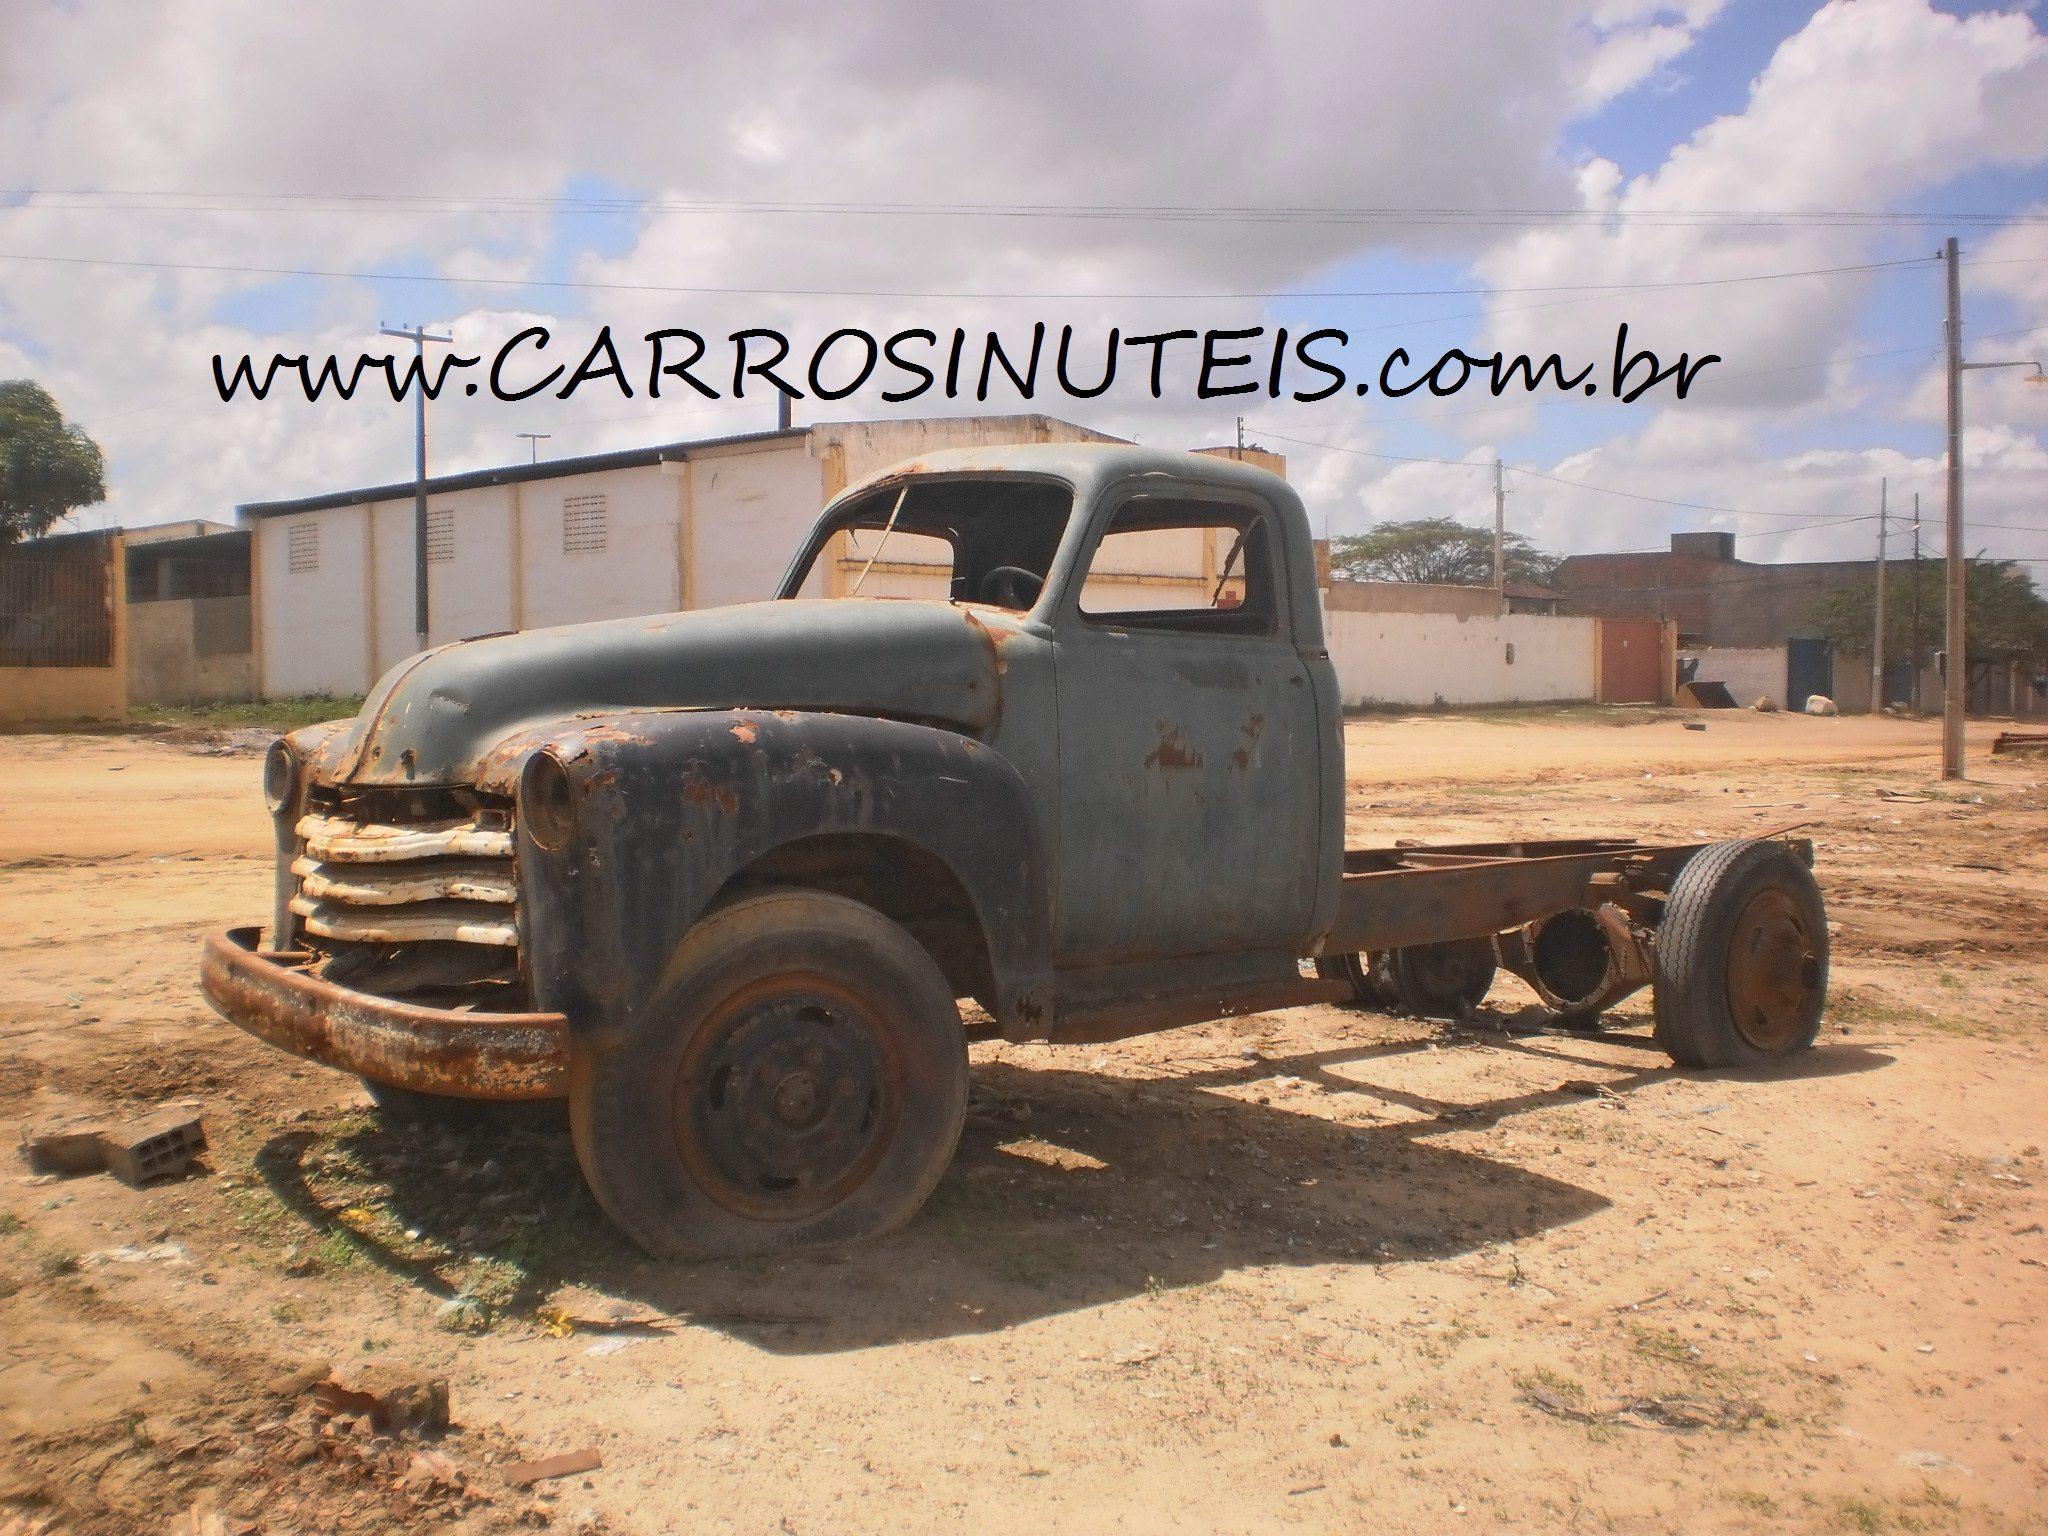 AriosvaldodeAraujo-GMC-CampinaGrande-PB02 Chevrolet, Campina Grande, PB. Foto de Ariosvaldo de Araújo.